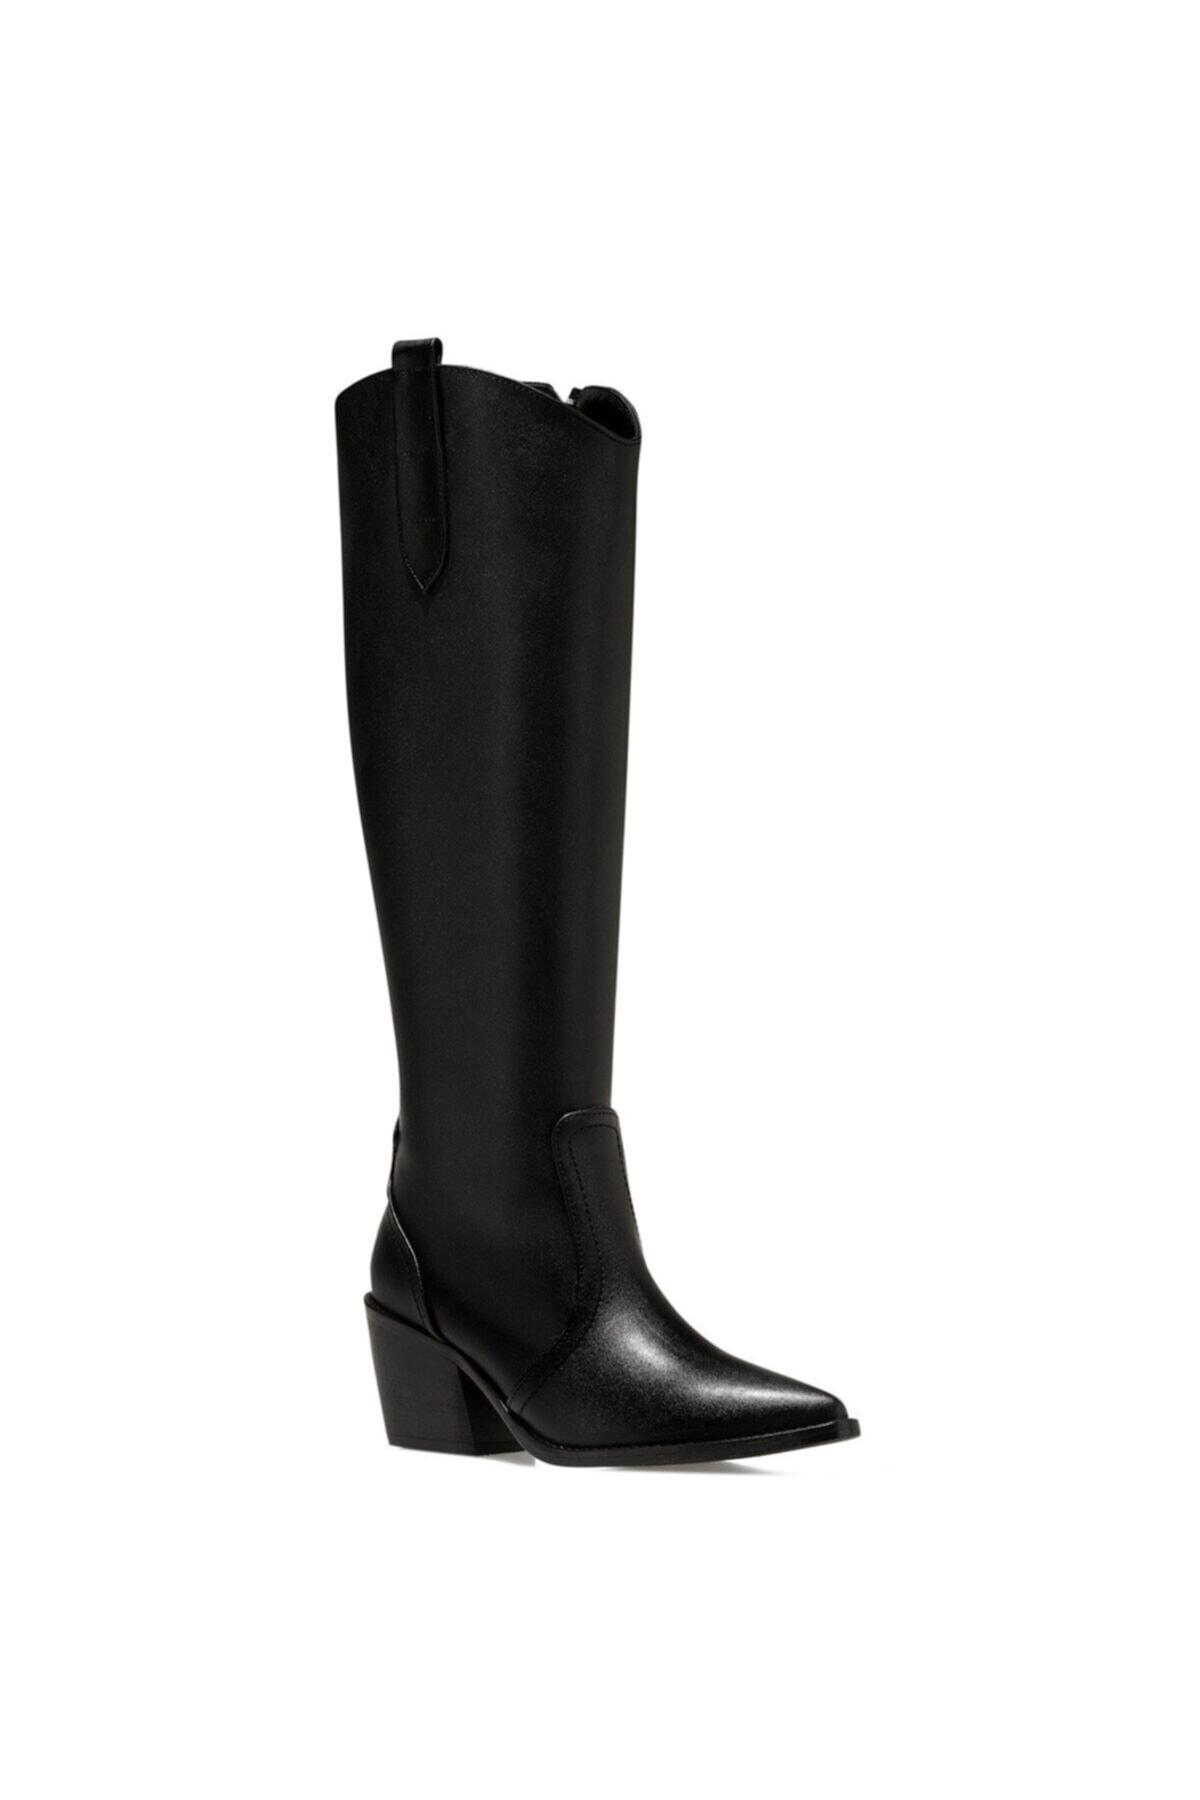 Nine West VINCENZA Siyah Kadın Ökçeli Çizme 100555812 2